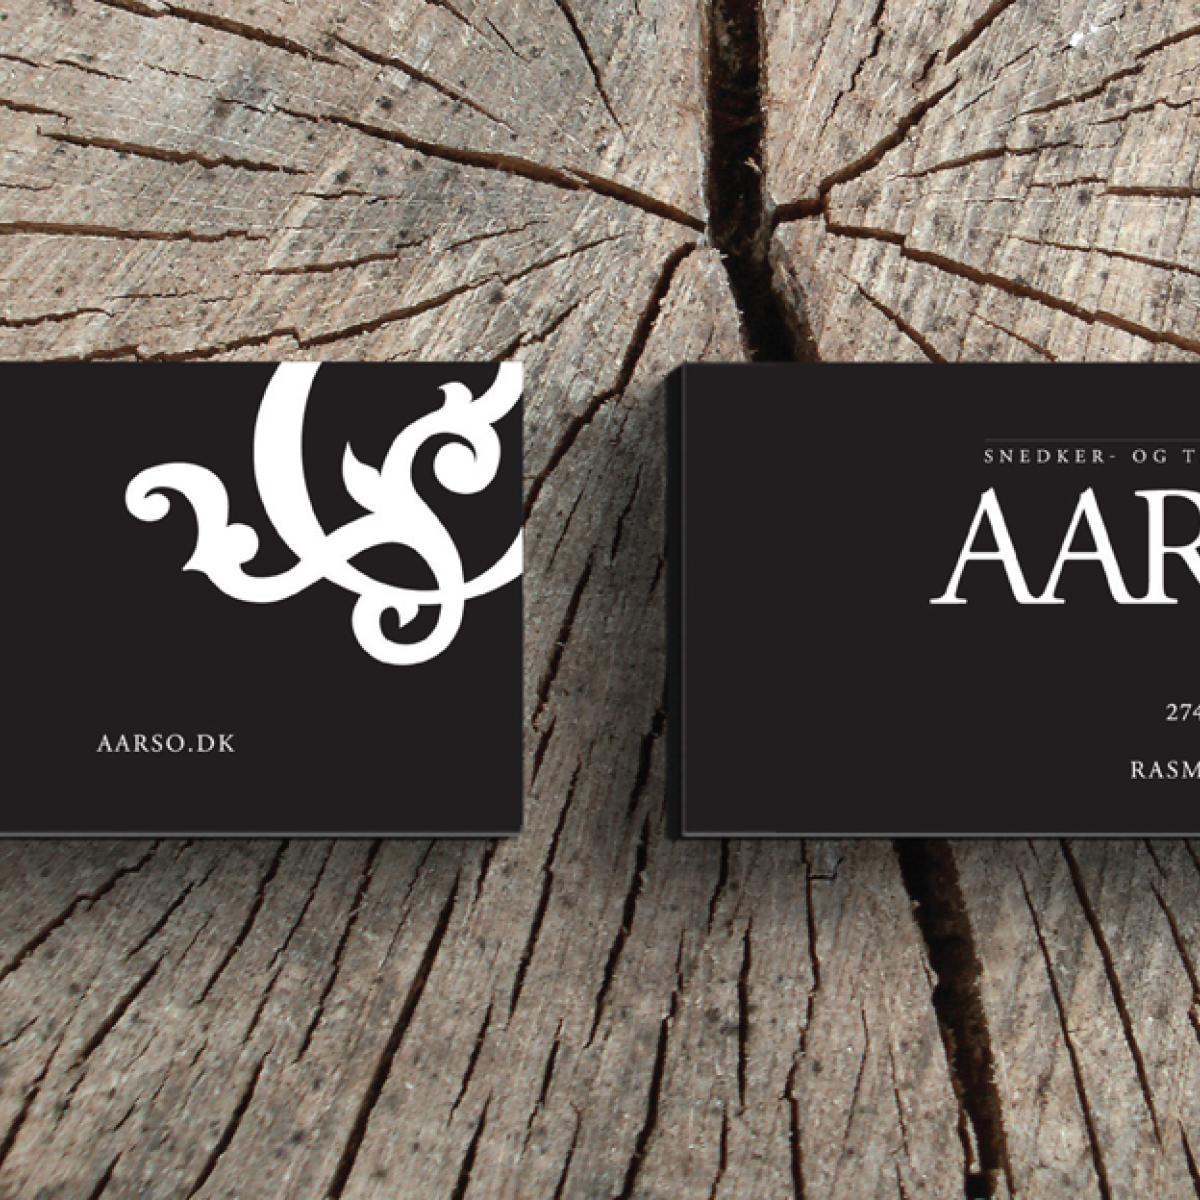 Aarsø→